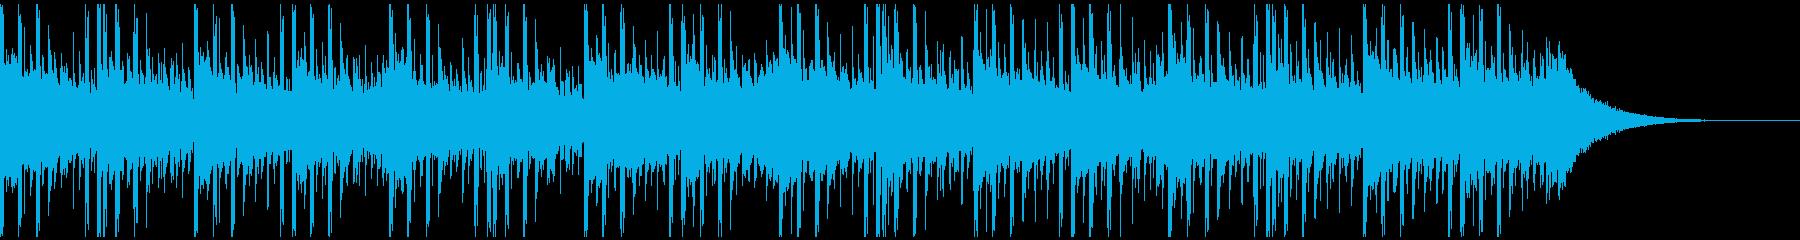 新技術(38秒)の再生済みの波形